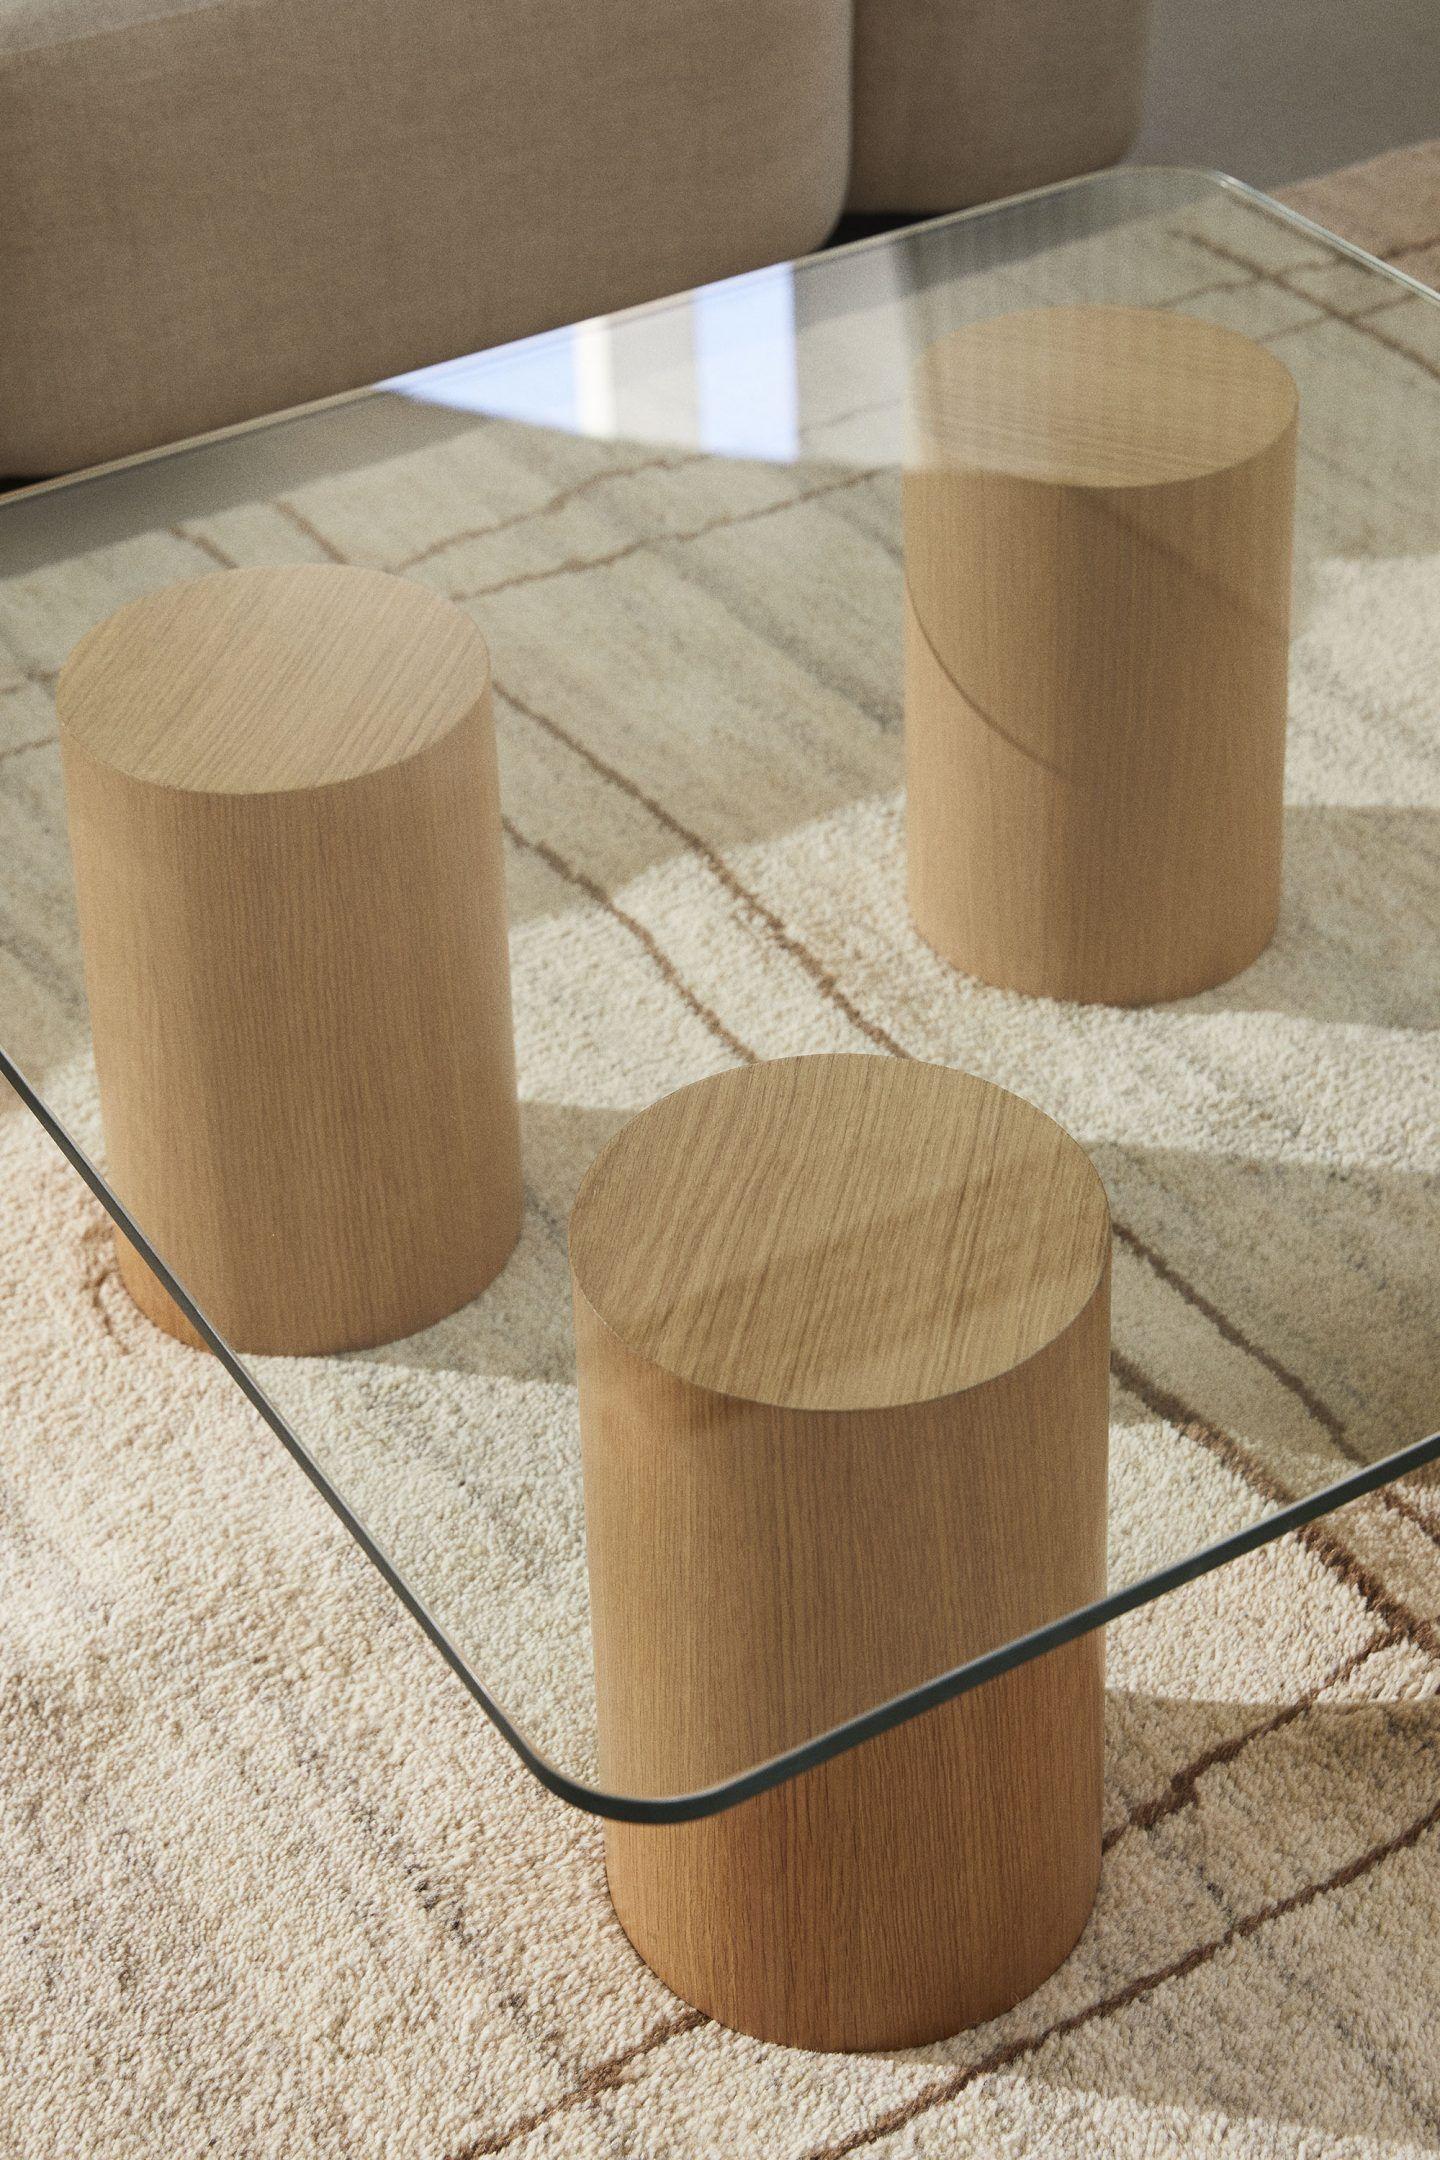 IGNANT-Design-Sarah-Ellison-Sol-012